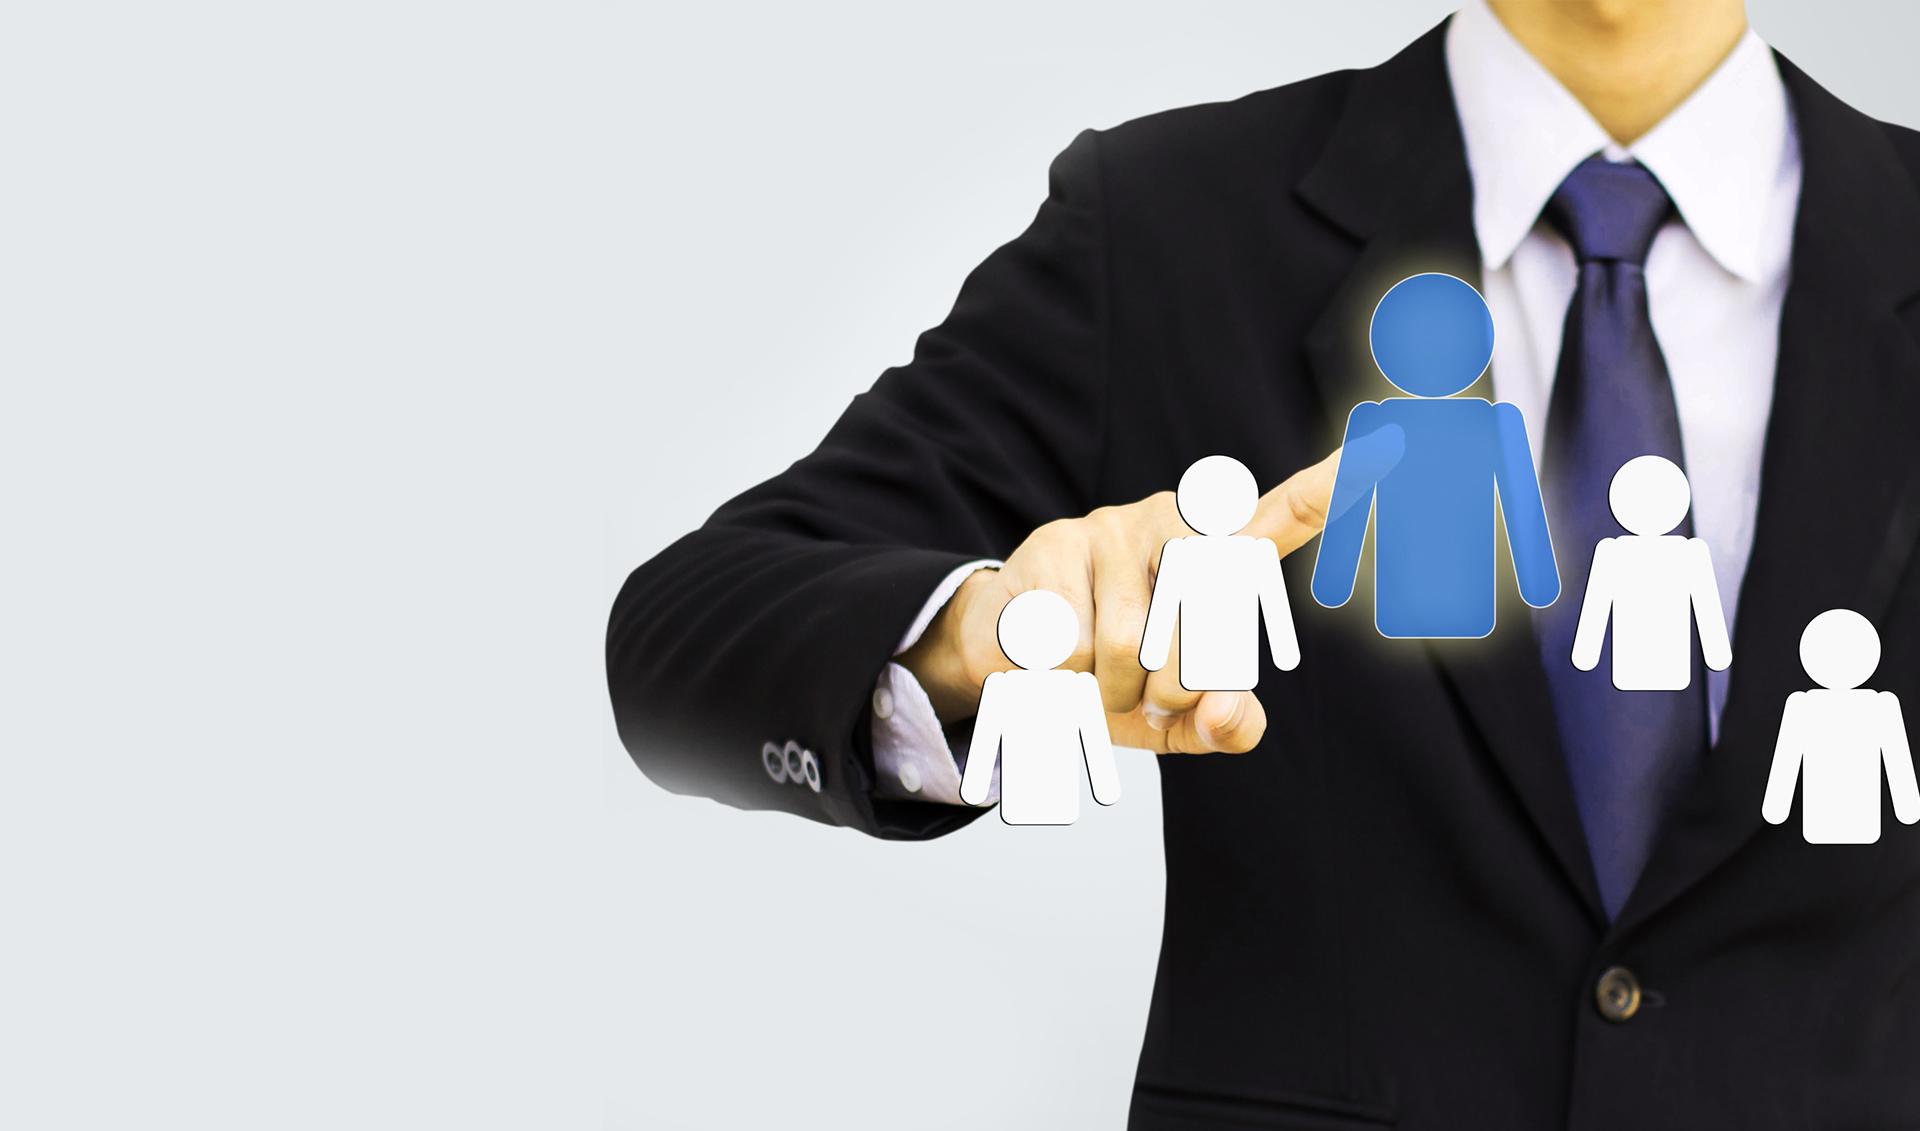 rsc-management-notre-difference-recrutement-paris-conseils-management-02